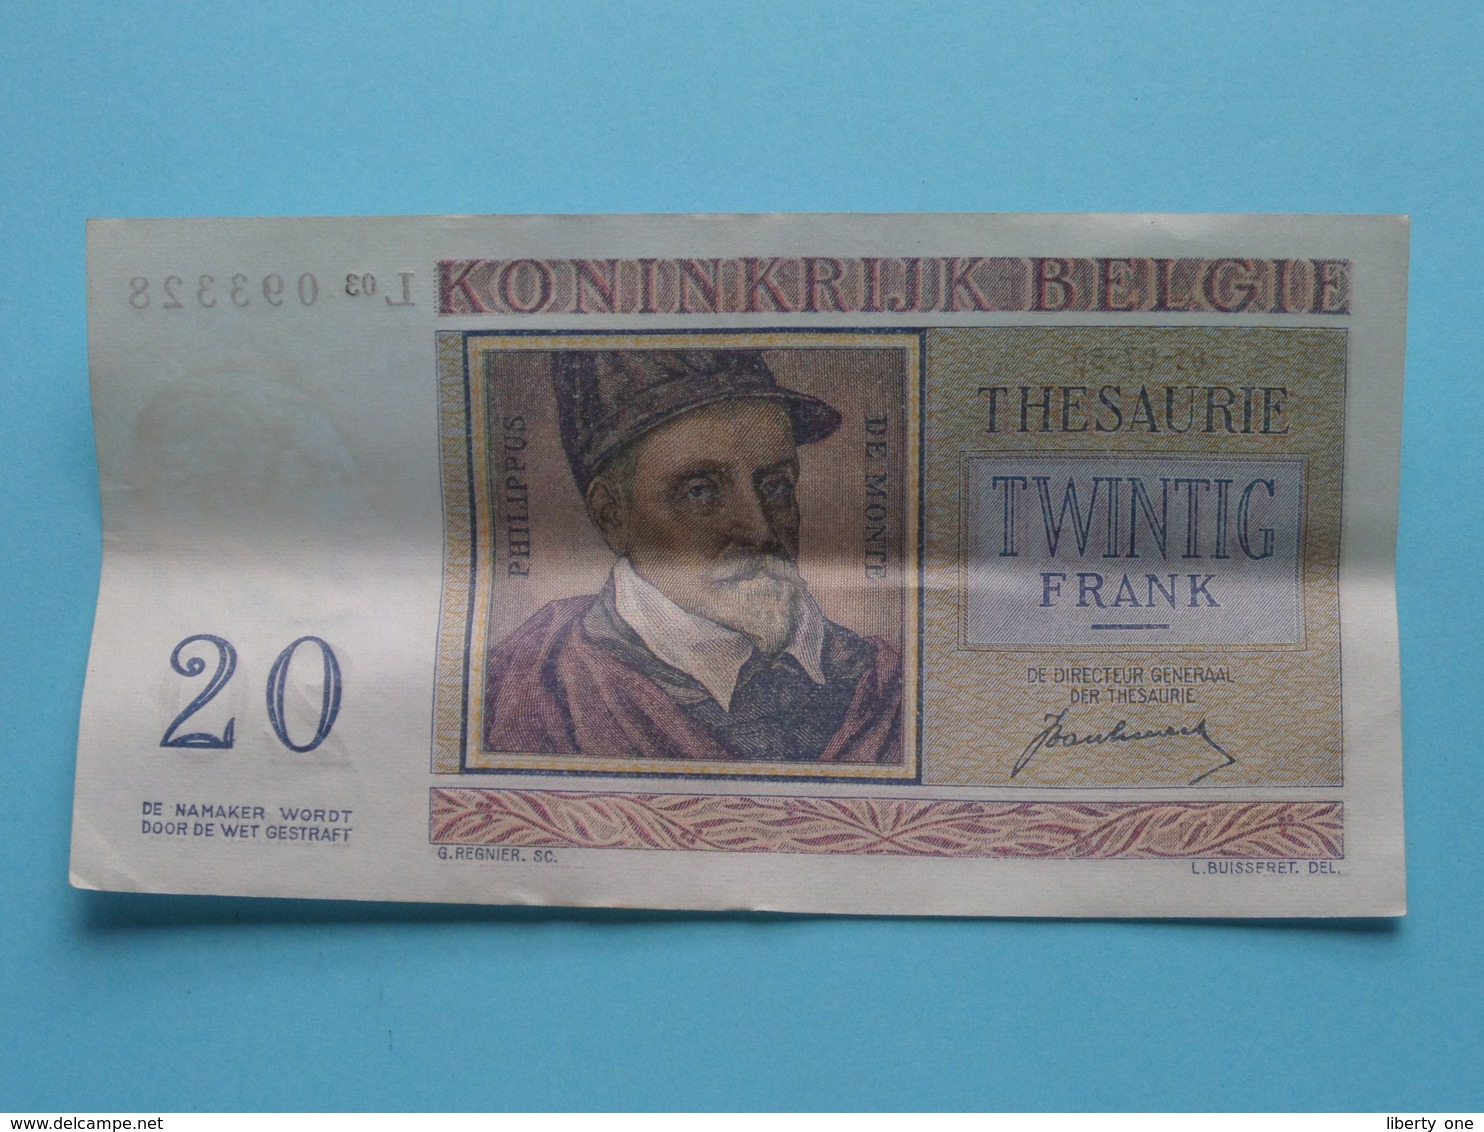 VINGT Francs TWINTIG Frank : L03 093328 ( Thesaurie / Trésorerie - Philippus De Monte ) 01-07-50 > Belgique/België ! - 20 Francs